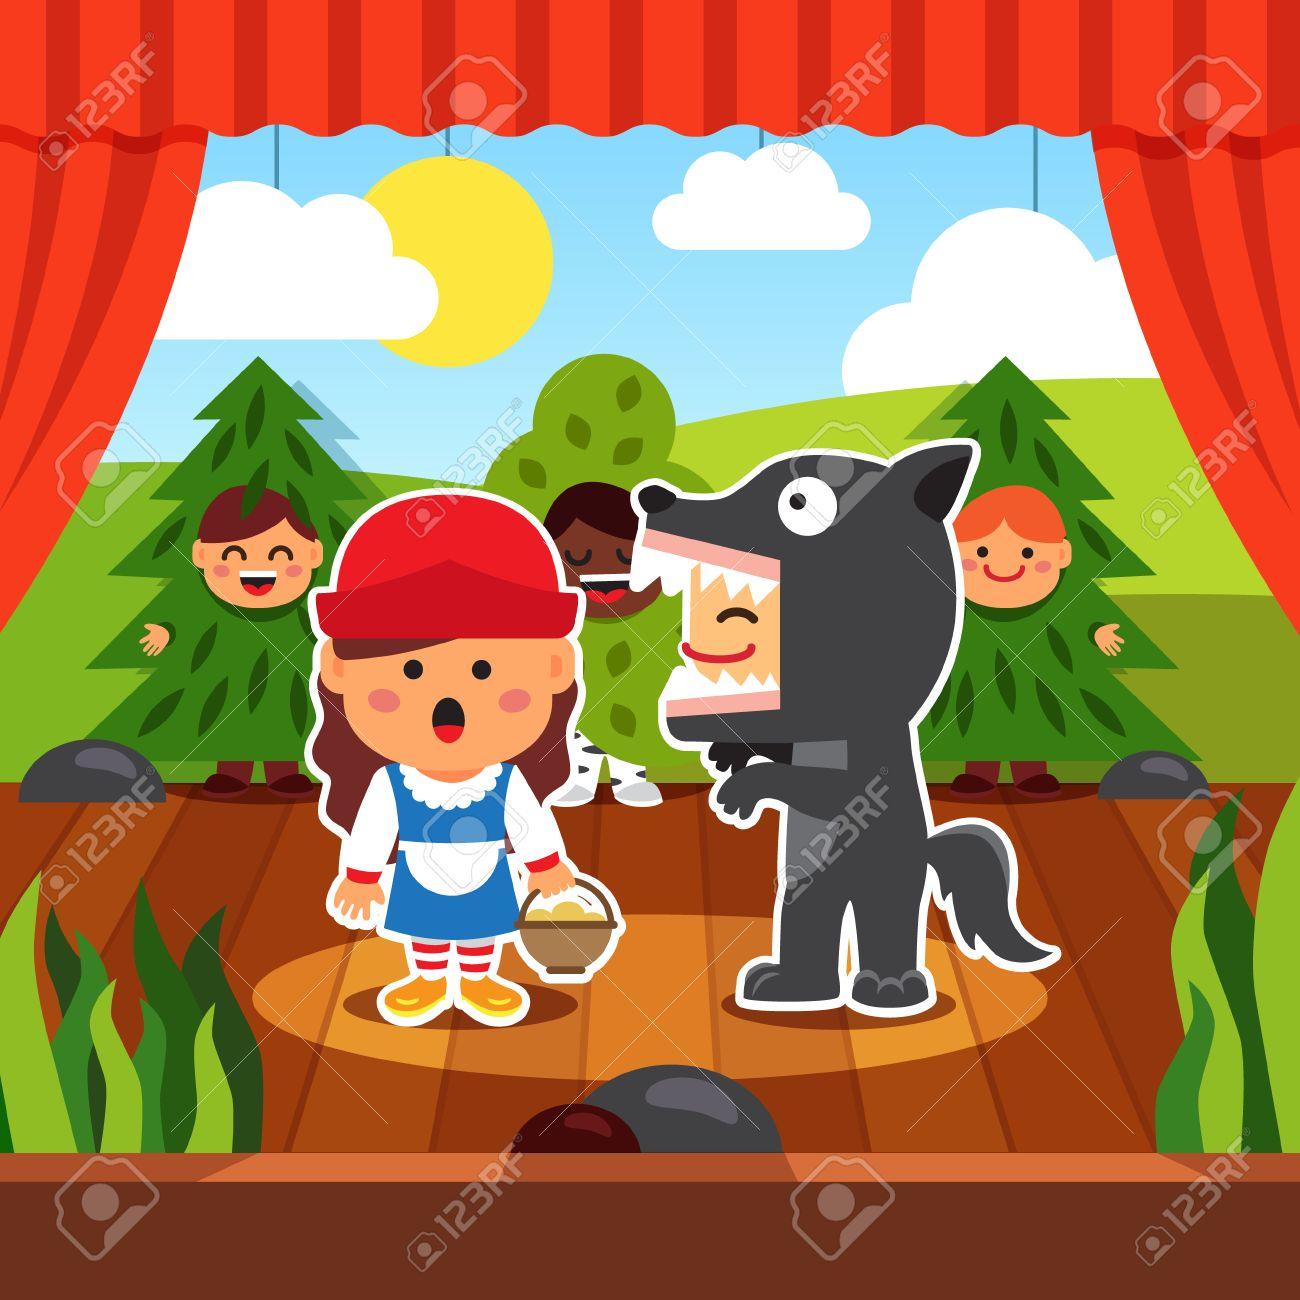 Obra De Teatro Kindergarten Niños Puesta En Escena De Caperucita Roja En El Vestuario Wolf Y Red Hood En Los Consejos Acompañados De árboles Boy Estilo De Dibujos Animados Ilustración Vectorial Plano